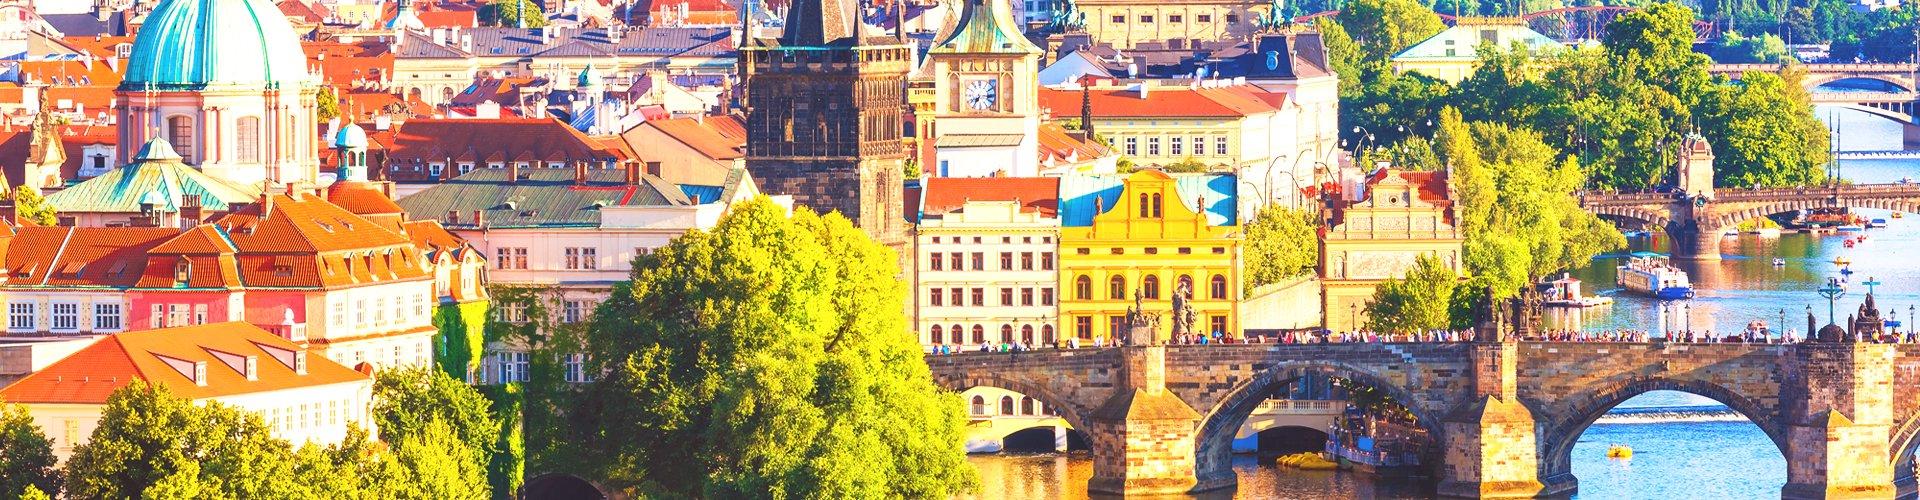 Zicht op Karelsbrug over de Moldau in Praag, Tsjechië